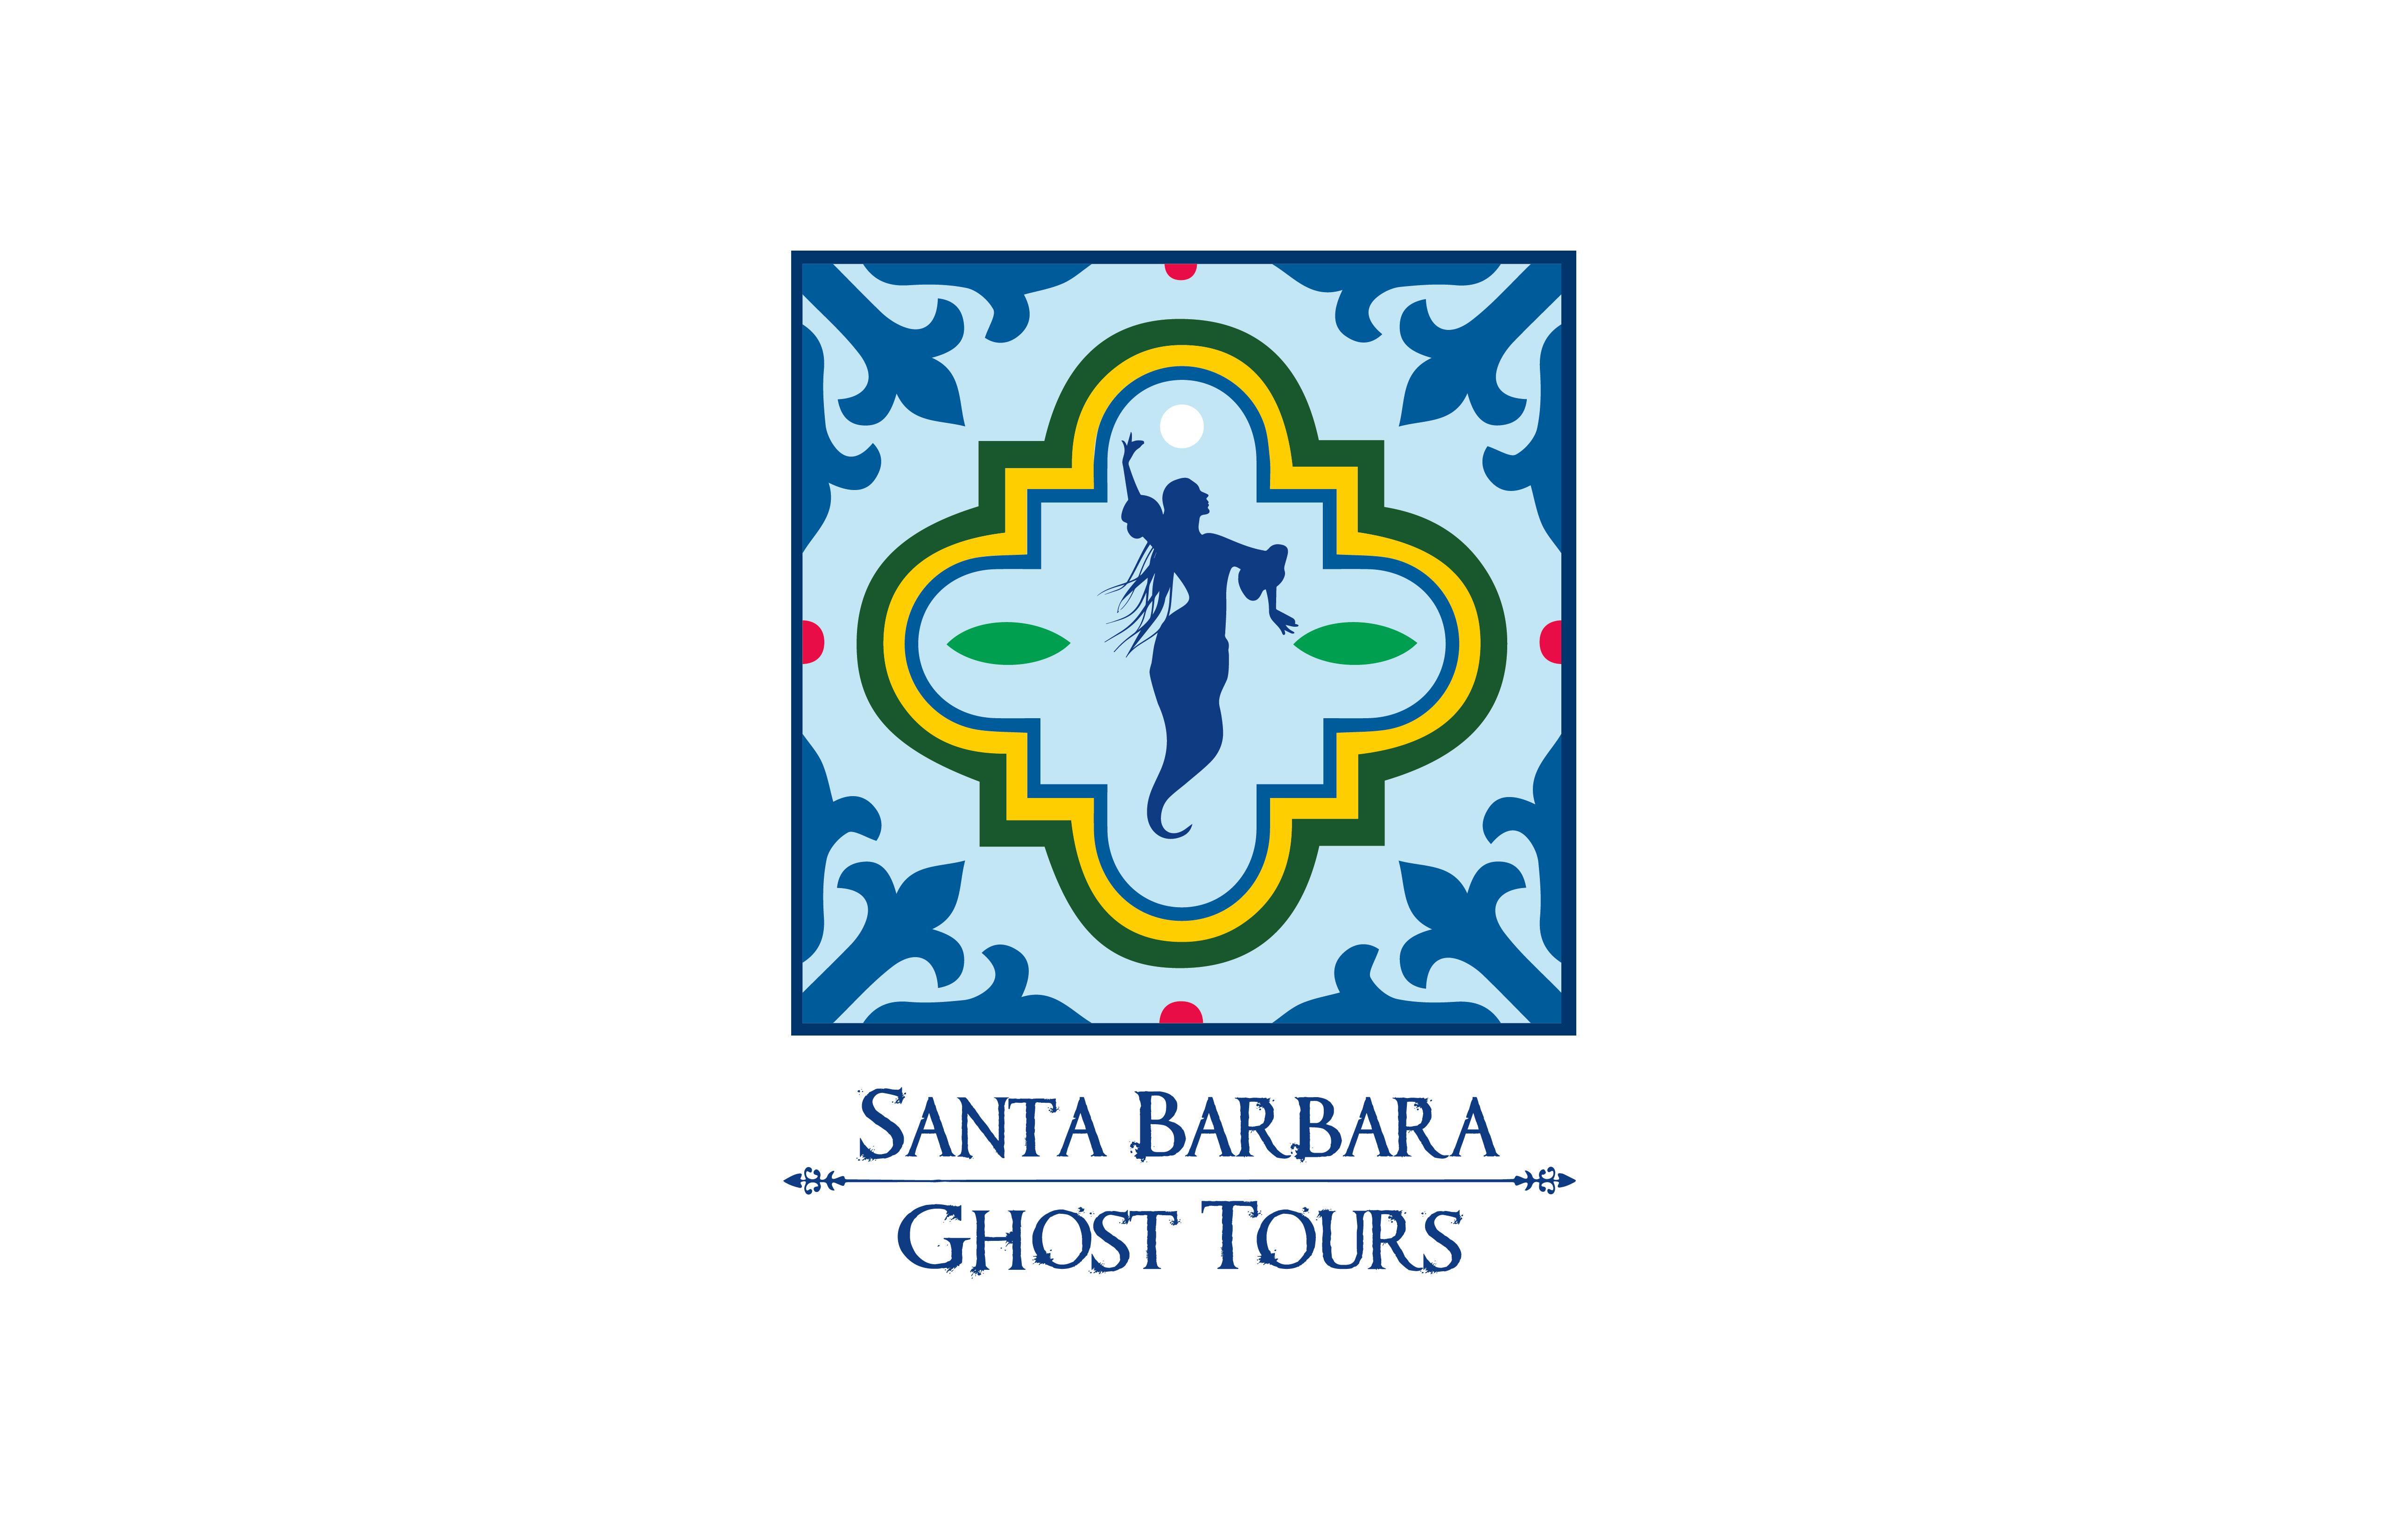 Ghost Tour of Santa Barbara